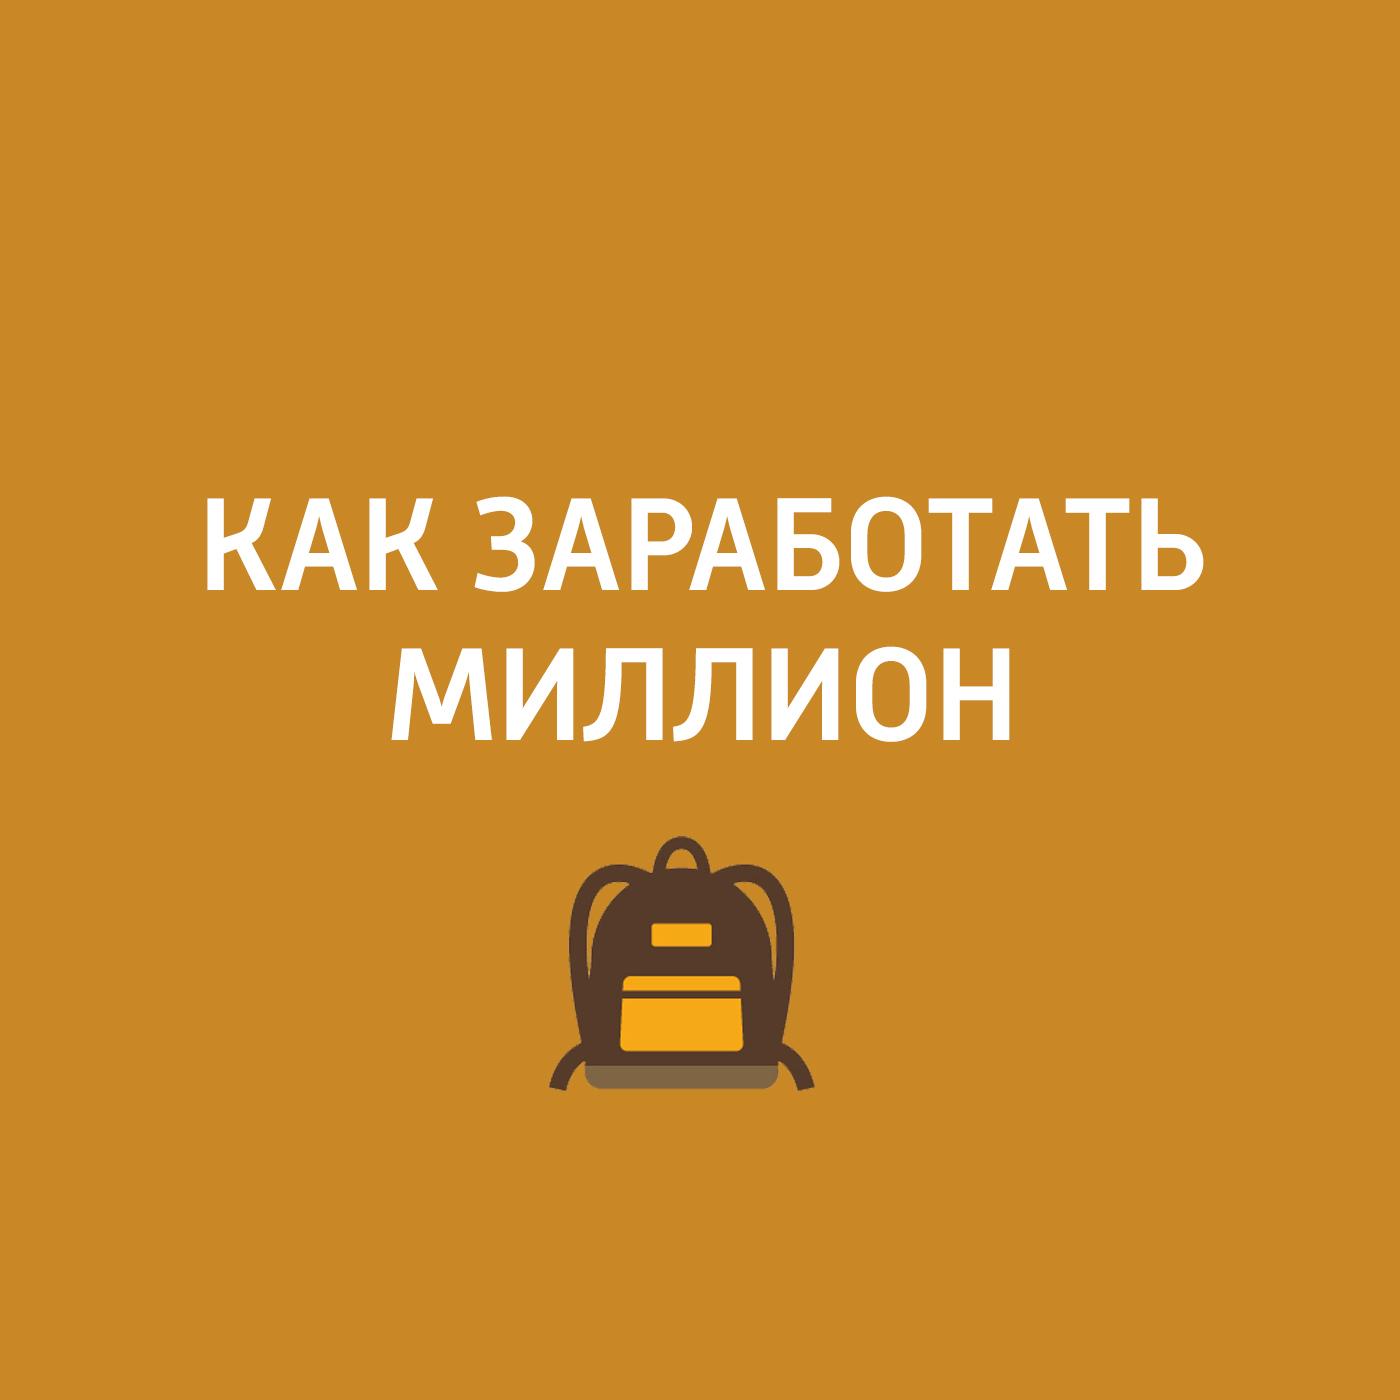 Торческий коллекти шоу «Сергей Стиллаин и его друзья» Паштец: произодсто паштета